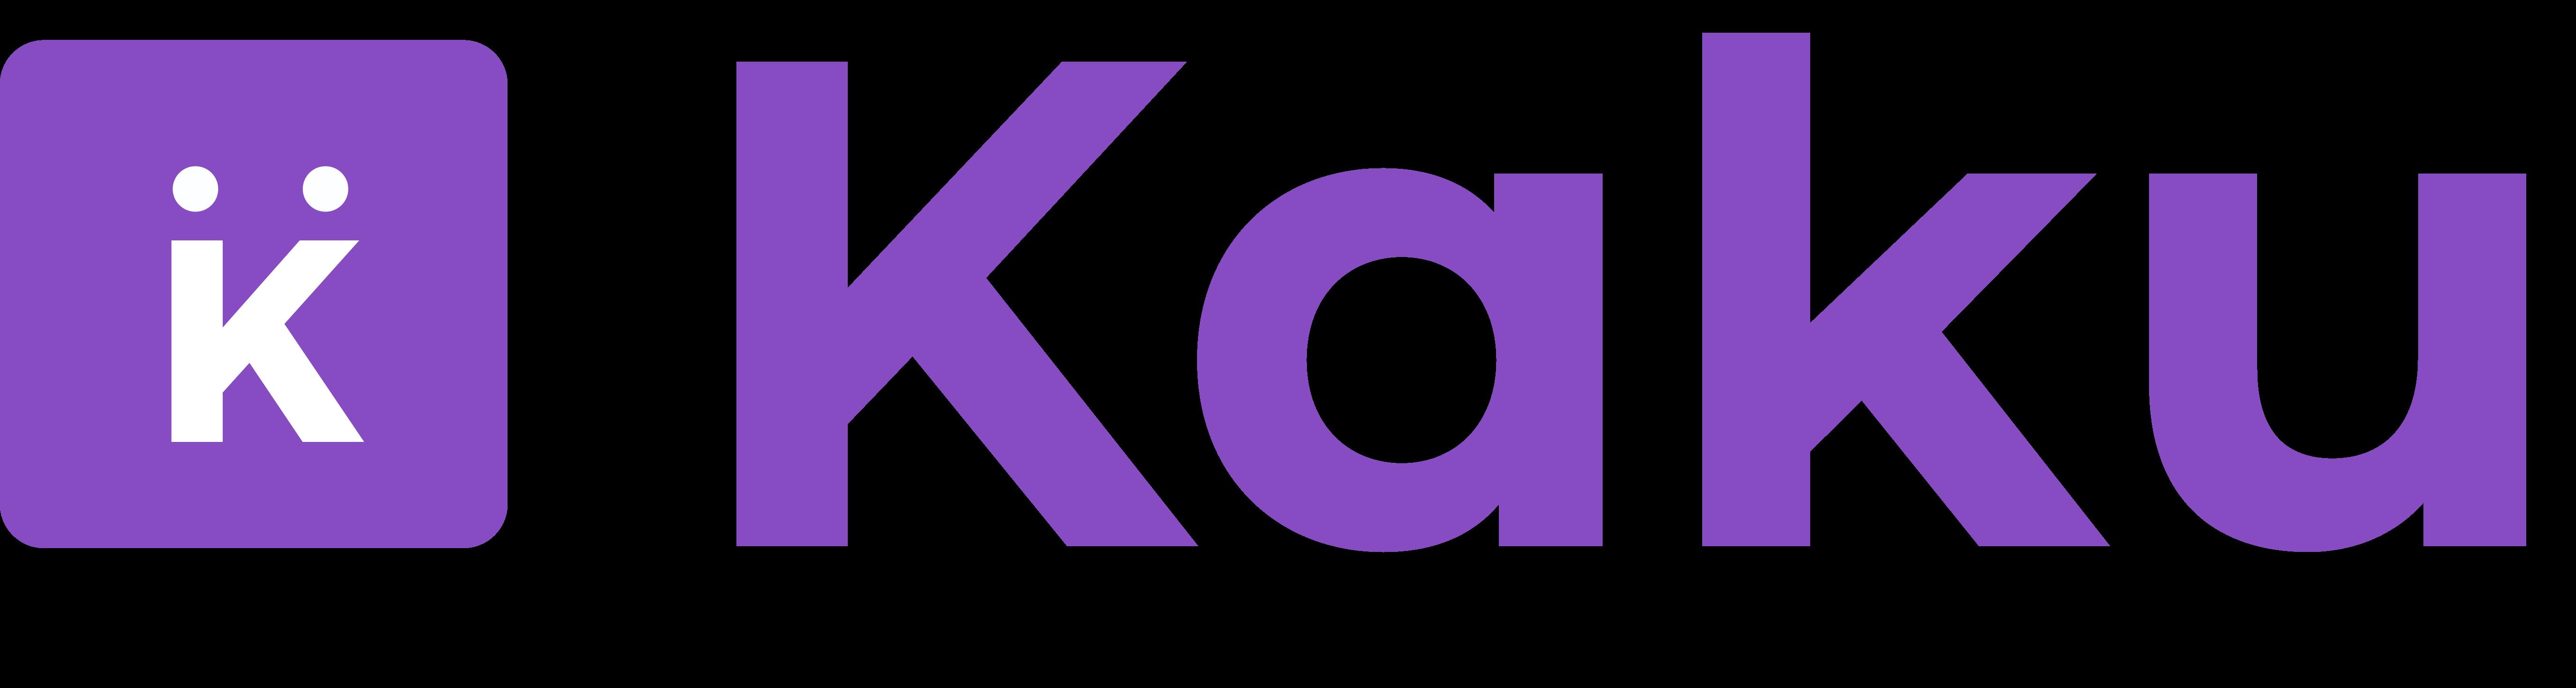 cropped-Kaku-logo-purple.png